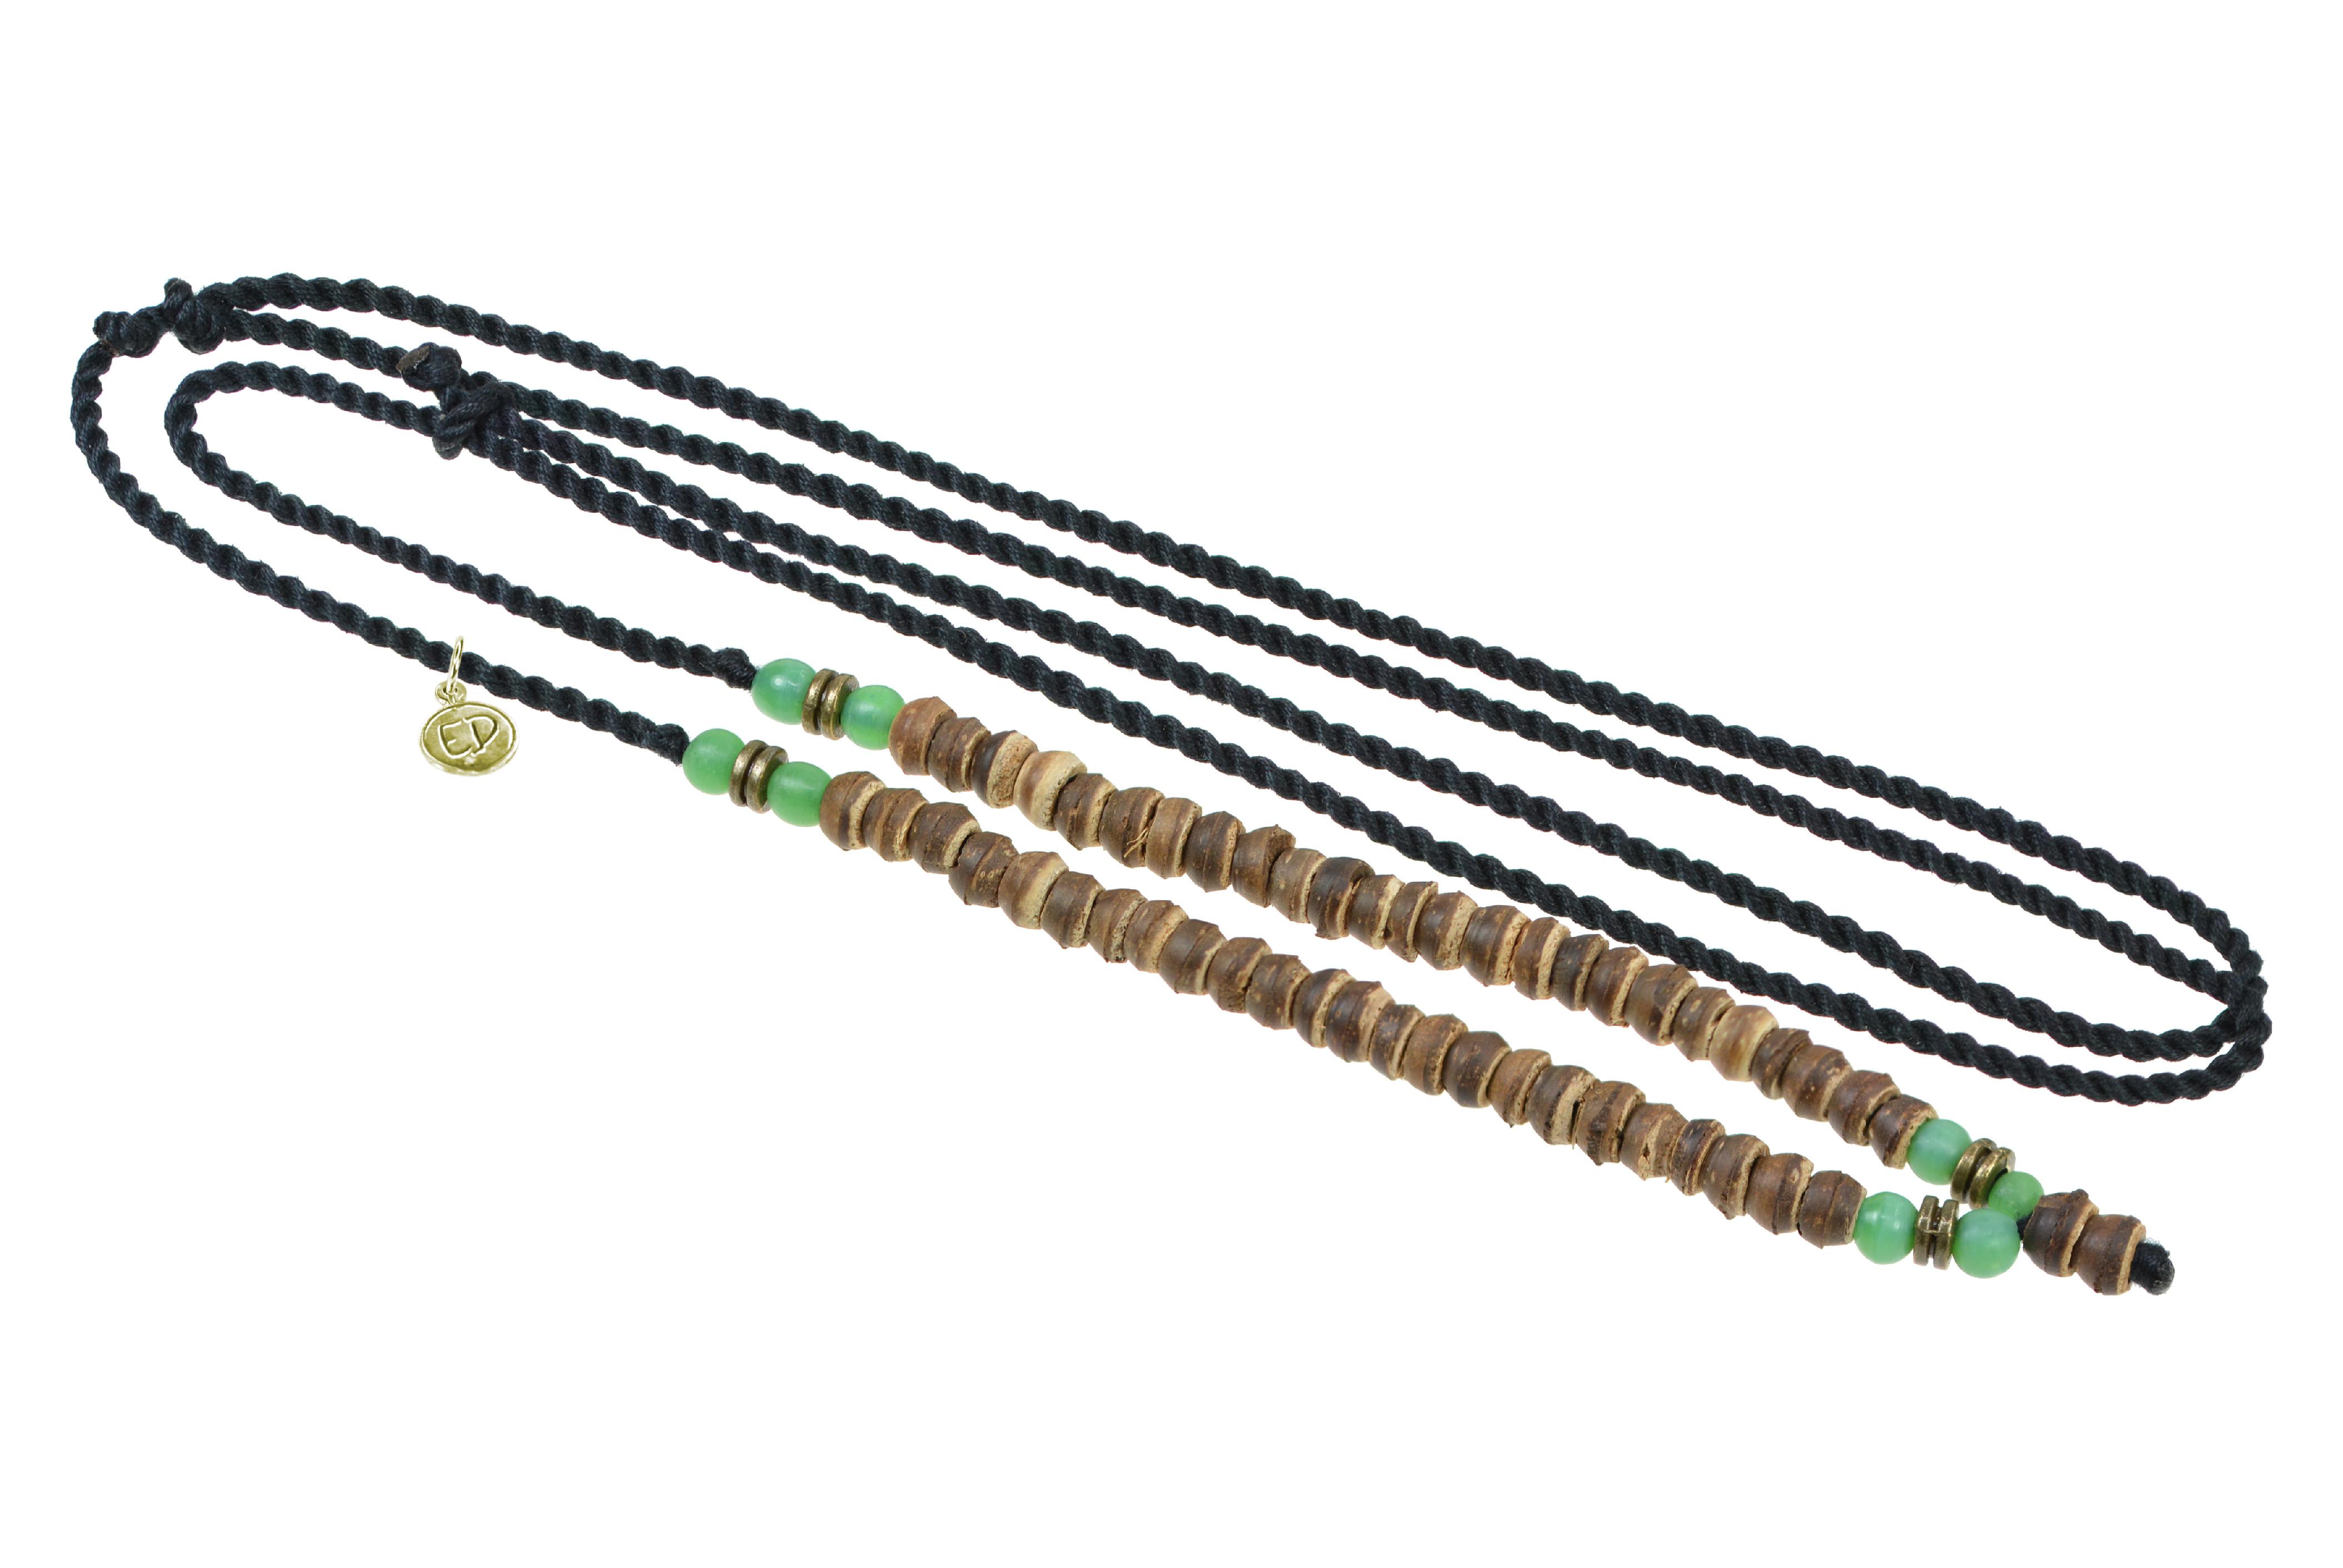 Unisex pletený náhrdelník s drevenými a jávskymi korálkami - zelený